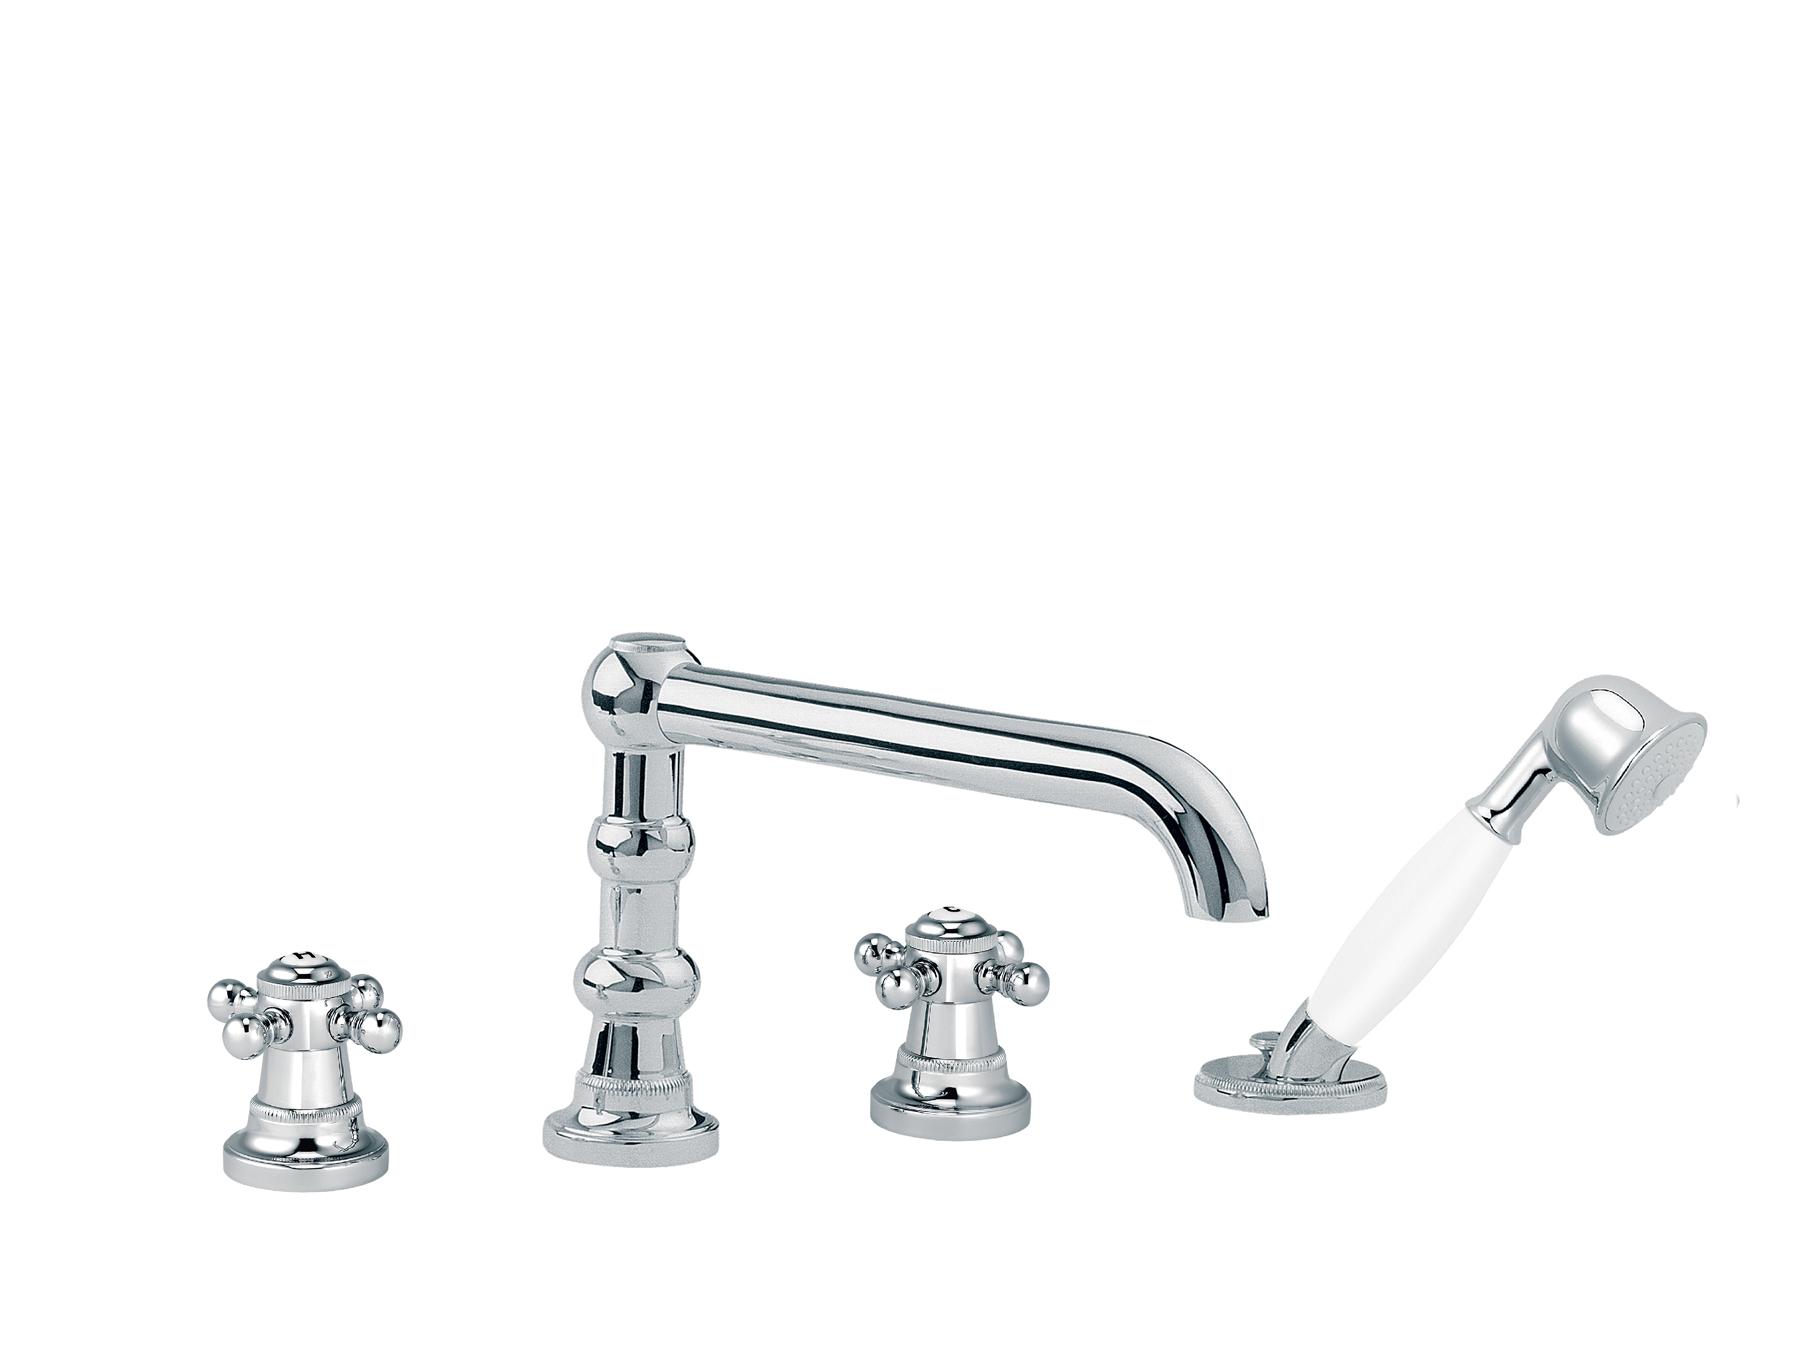 robinet robinetterie batterie bain douche 4 trous avec inverseur et douchette. Black Bedroom Furniture Sets. Home Design Ideas